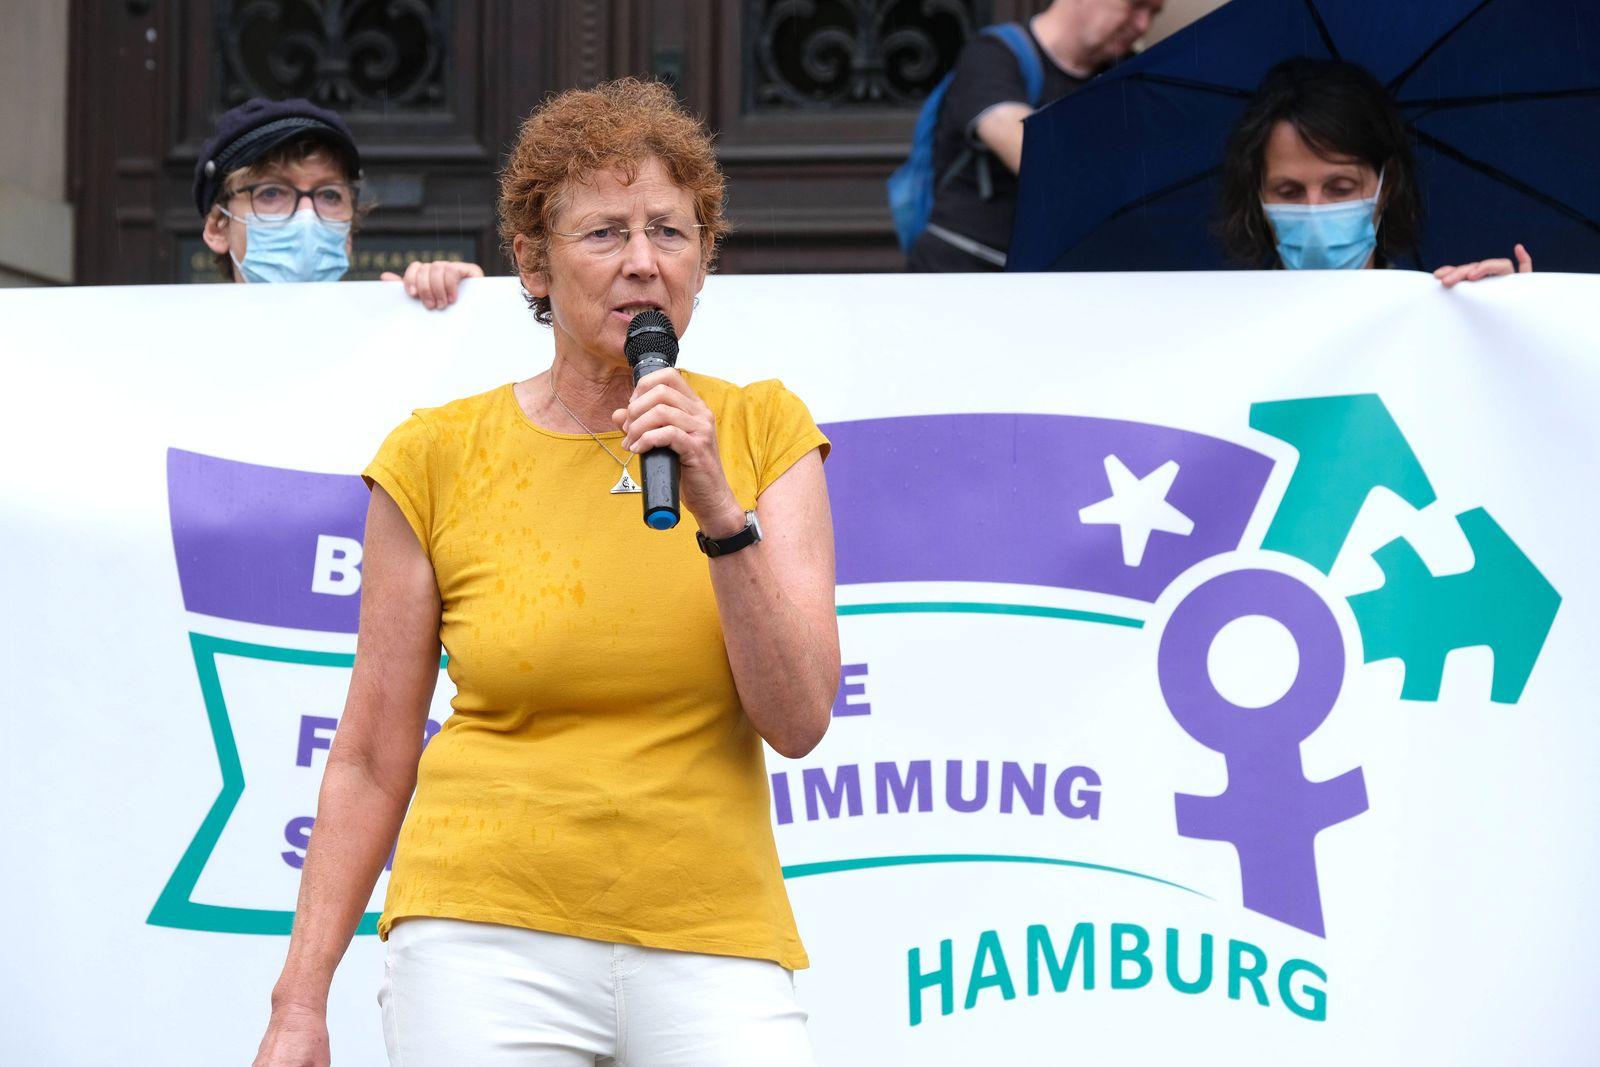 Mit einer Protestkation vor dem Hamburger Landgericht hat am Freitag (21.08.2020) der Prozess um eine Unterlassungsklag